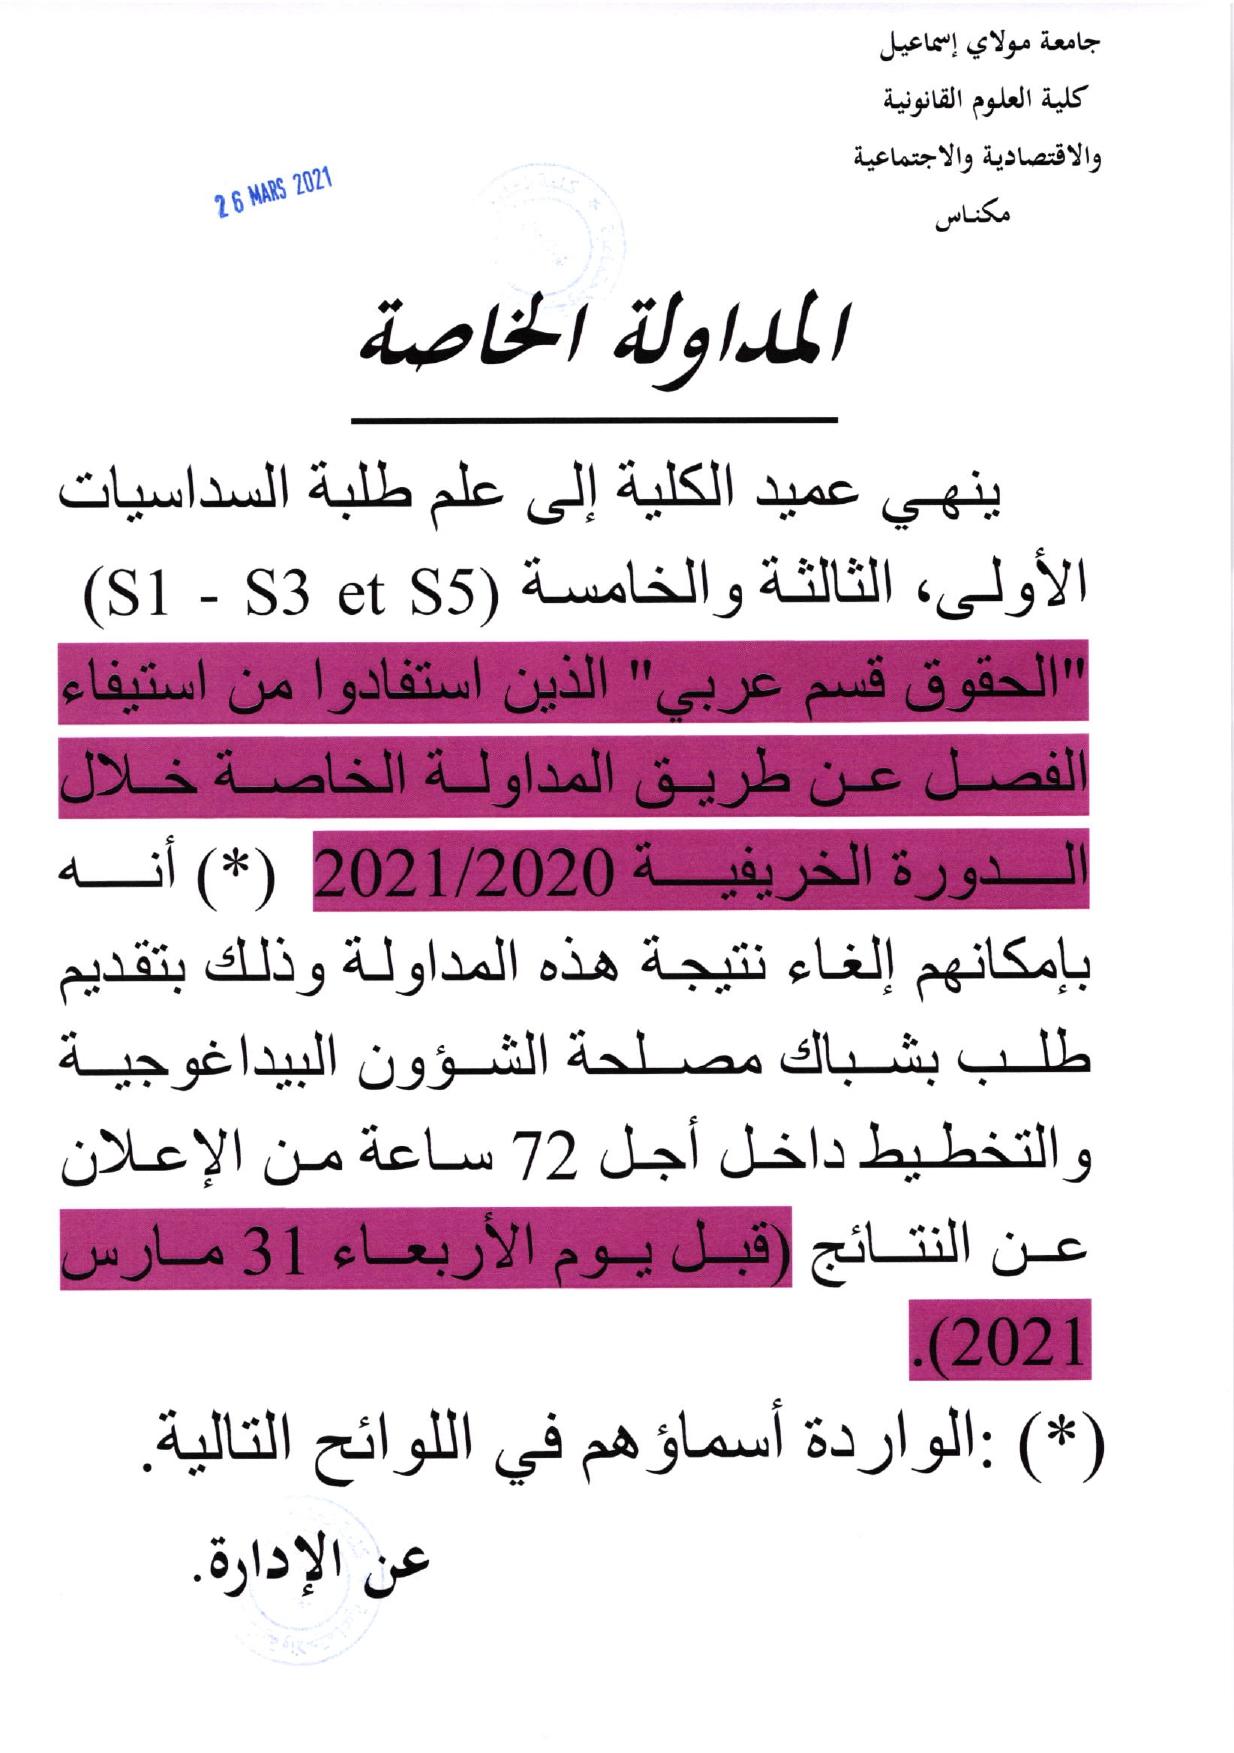 المداولة الخاصة : قانون بالغة العربية